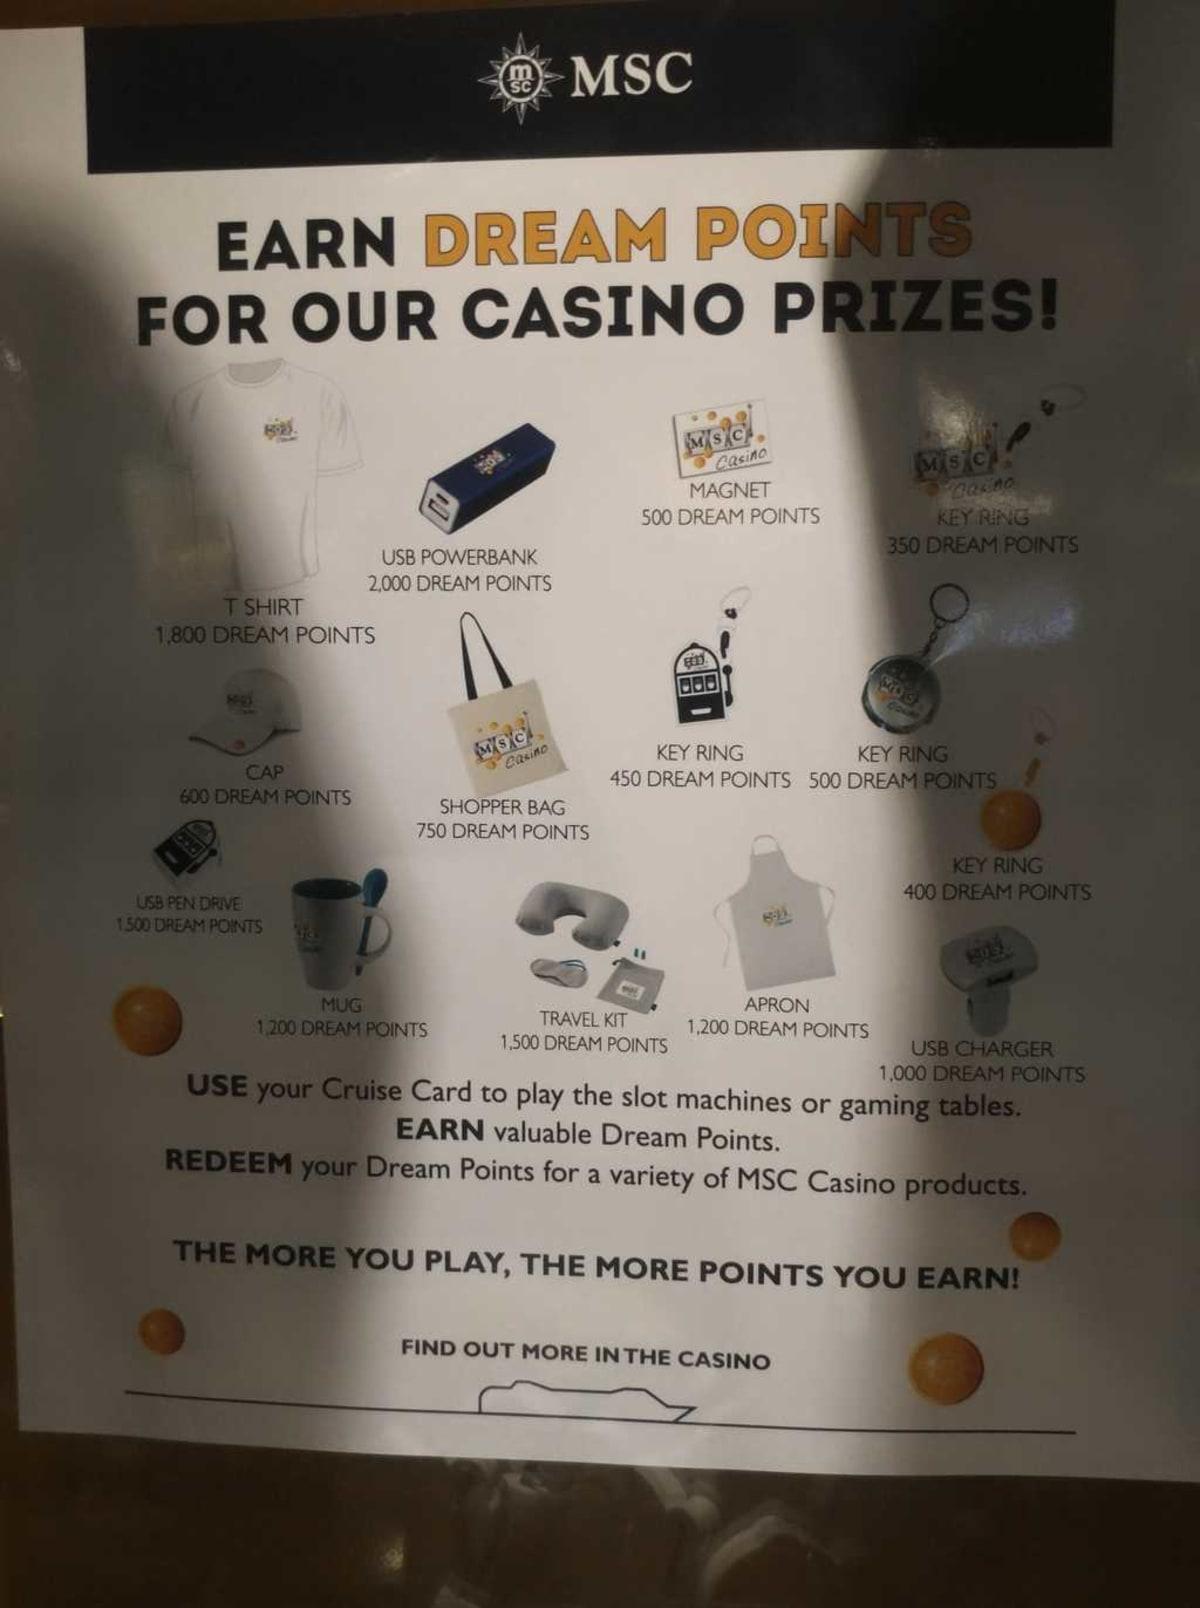 カジノで遊ぶとクルーズカードにDREAM POINTSが貯まり、グッズと交換できます。 | 客船MSCスプレンディダのアクティビティ